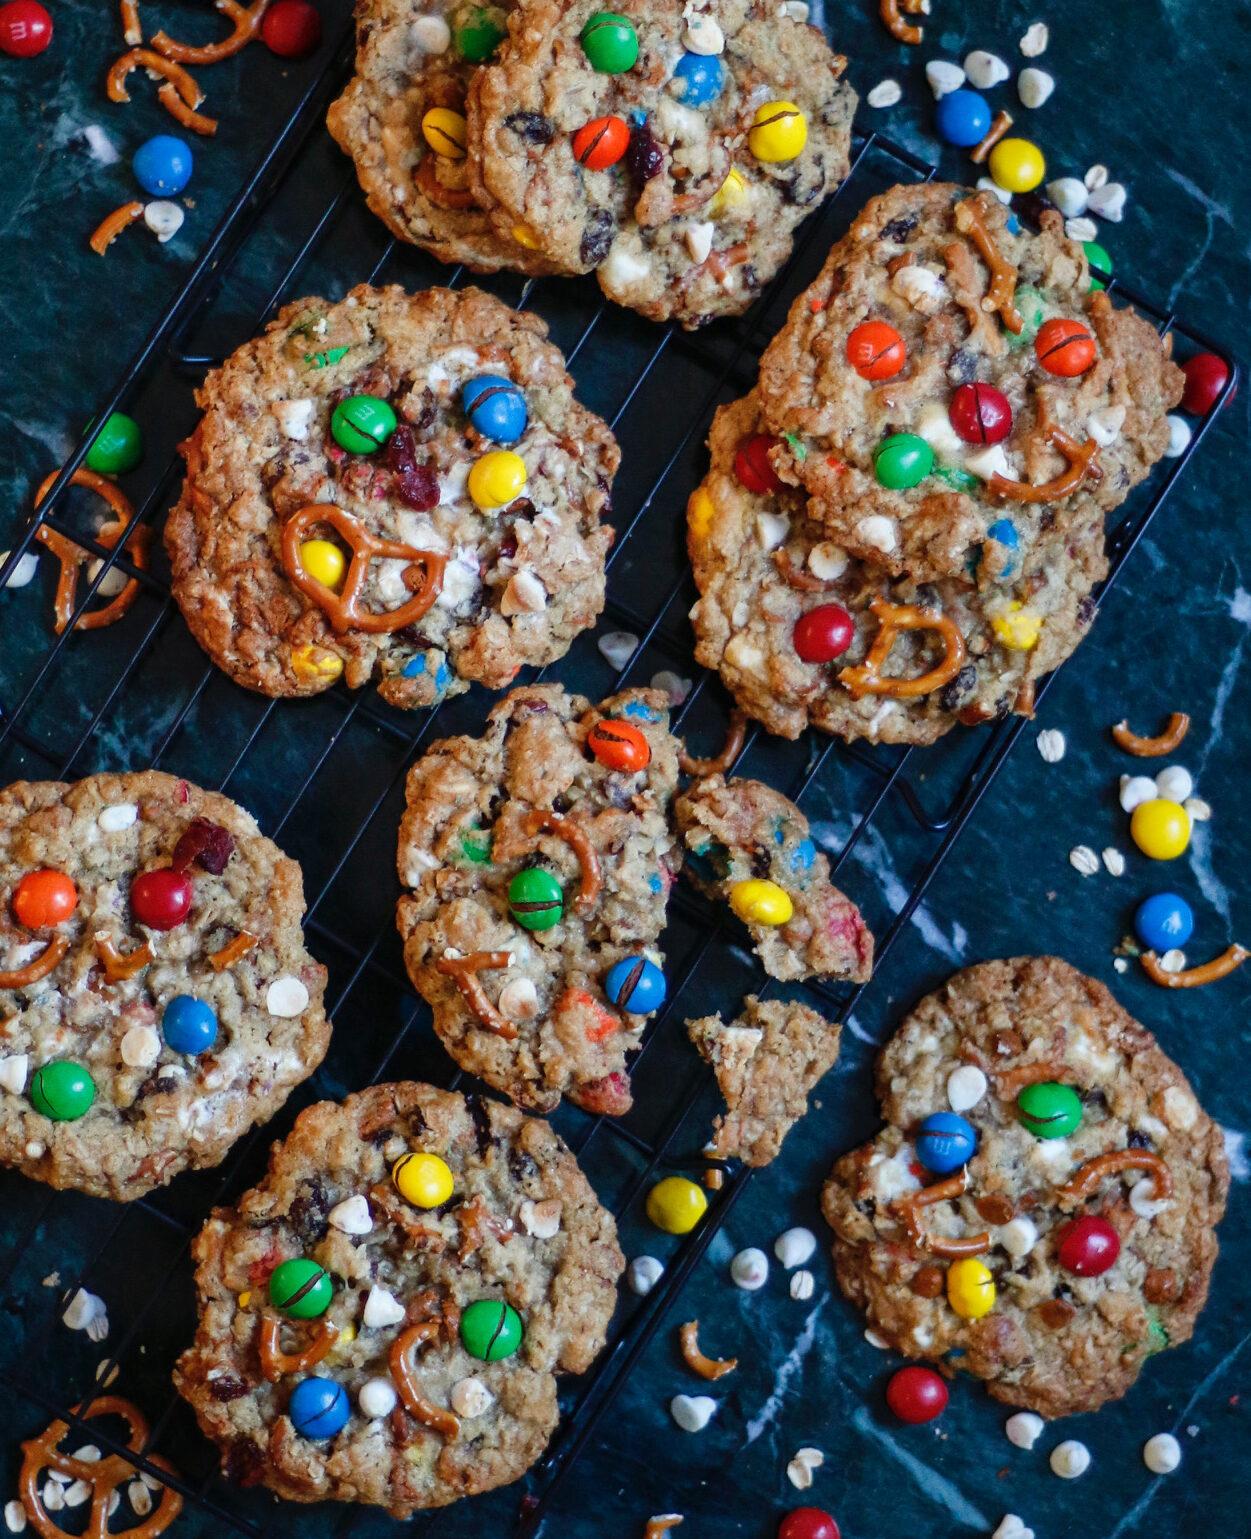 kitchen sink cookies, m&m cookies